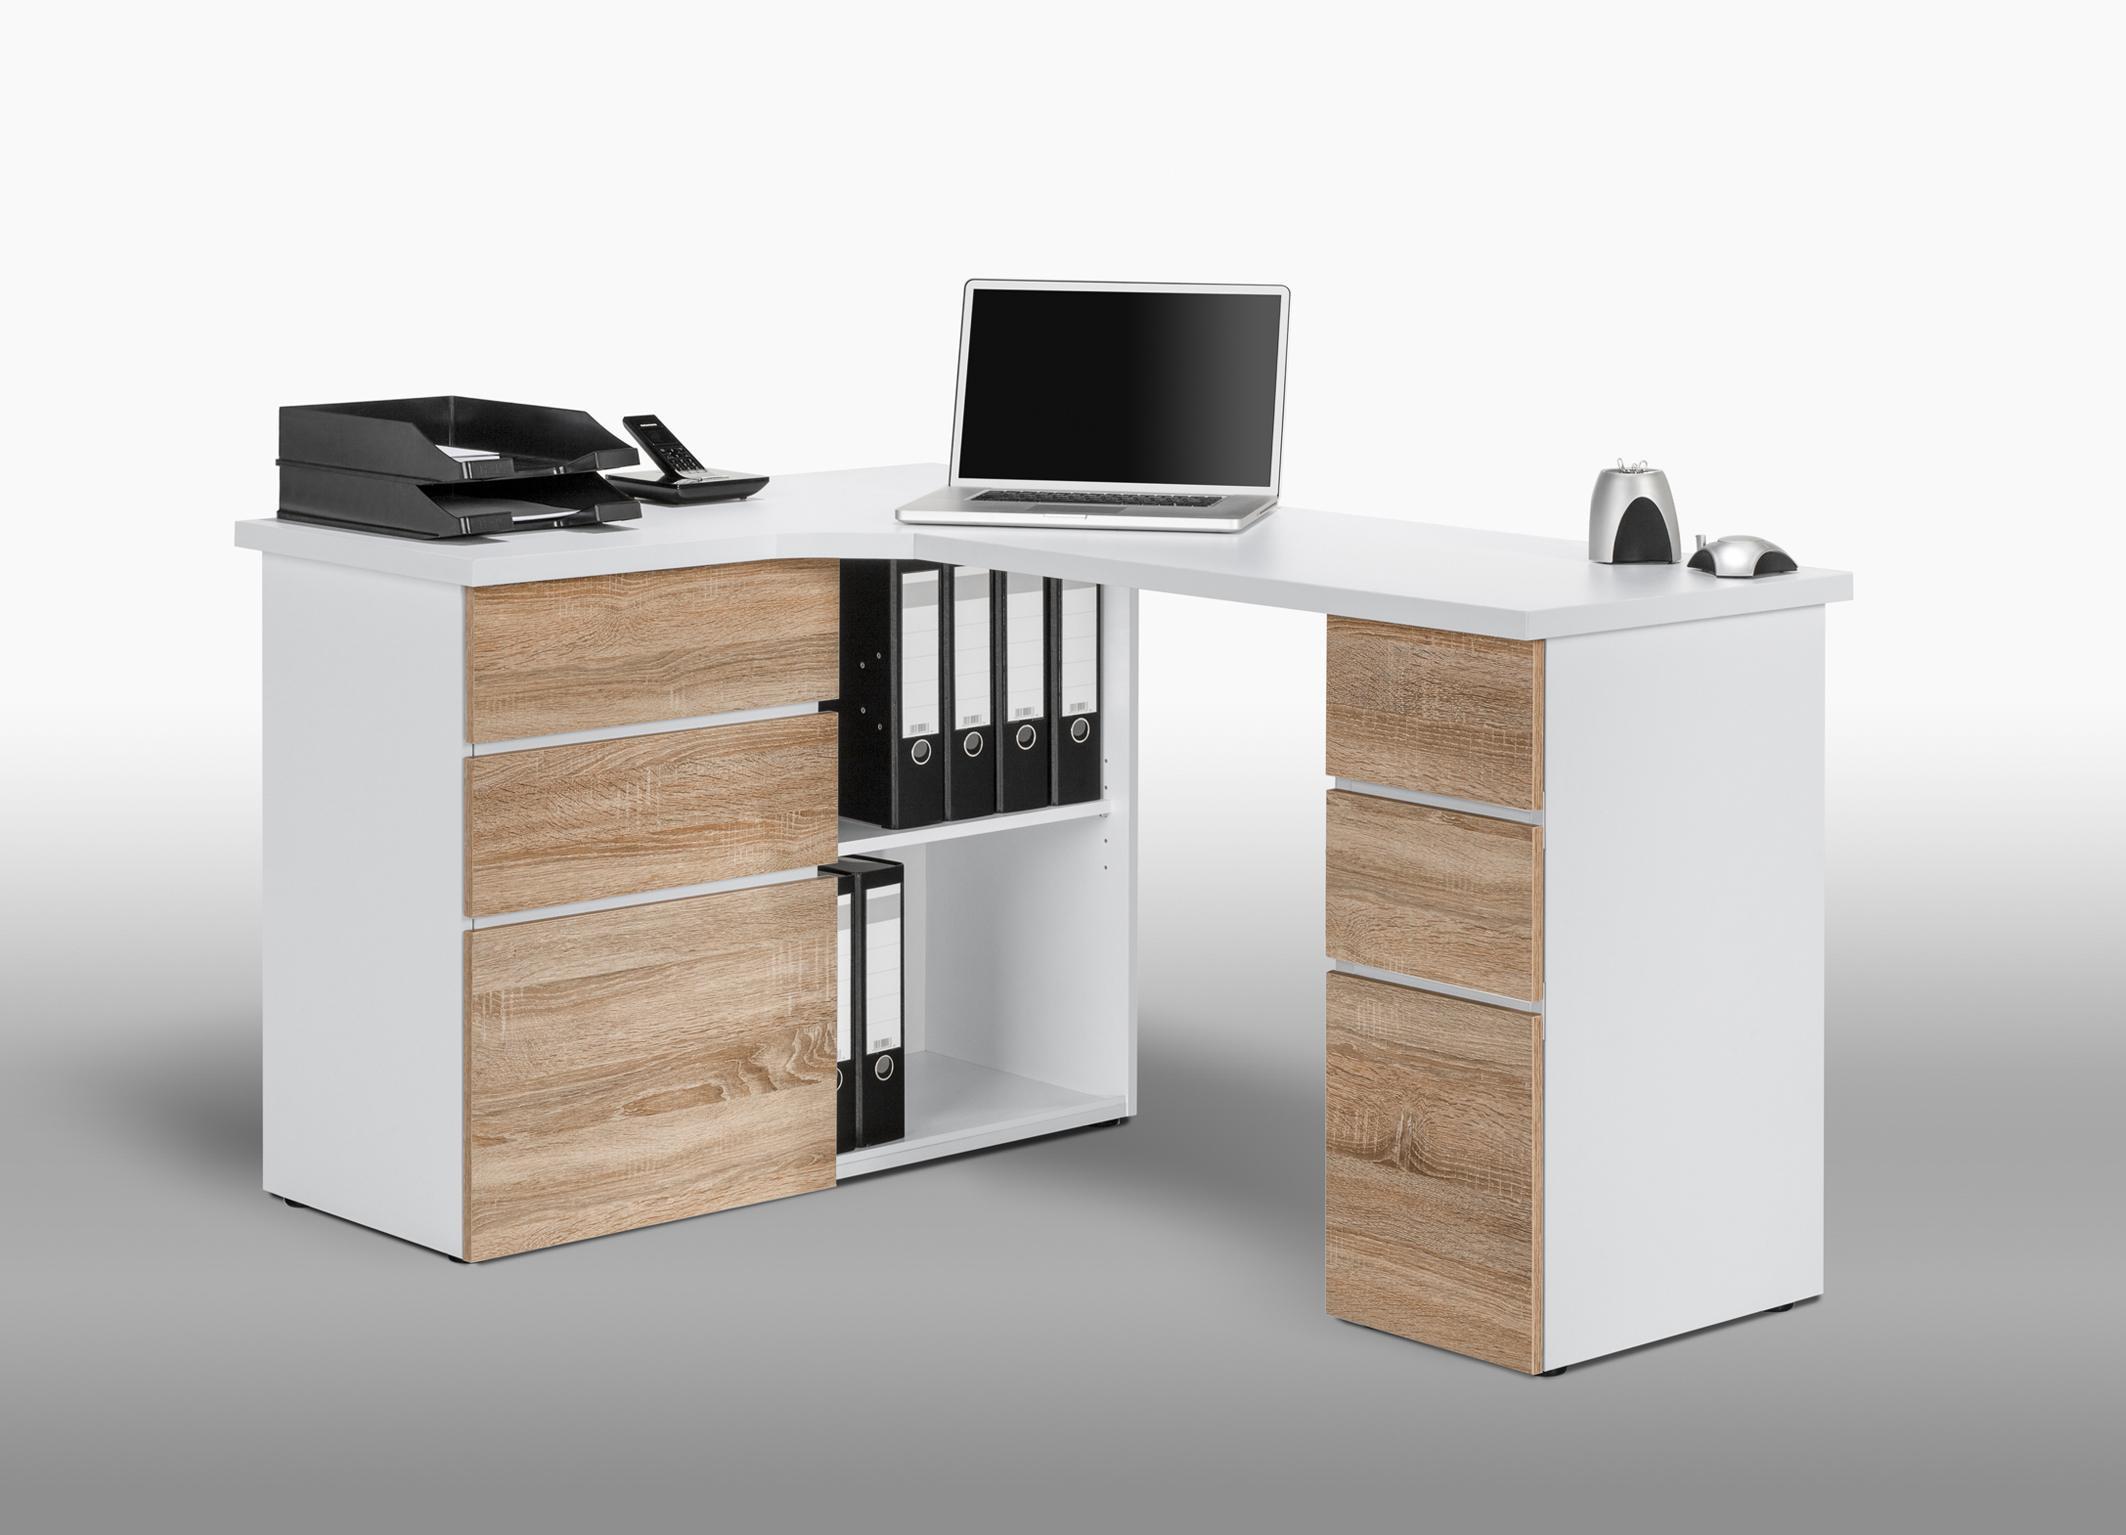 meuble d 39 angle ordinateur ferm lille maison. Black Bedroom Furniture Sets. Home Design Ideas